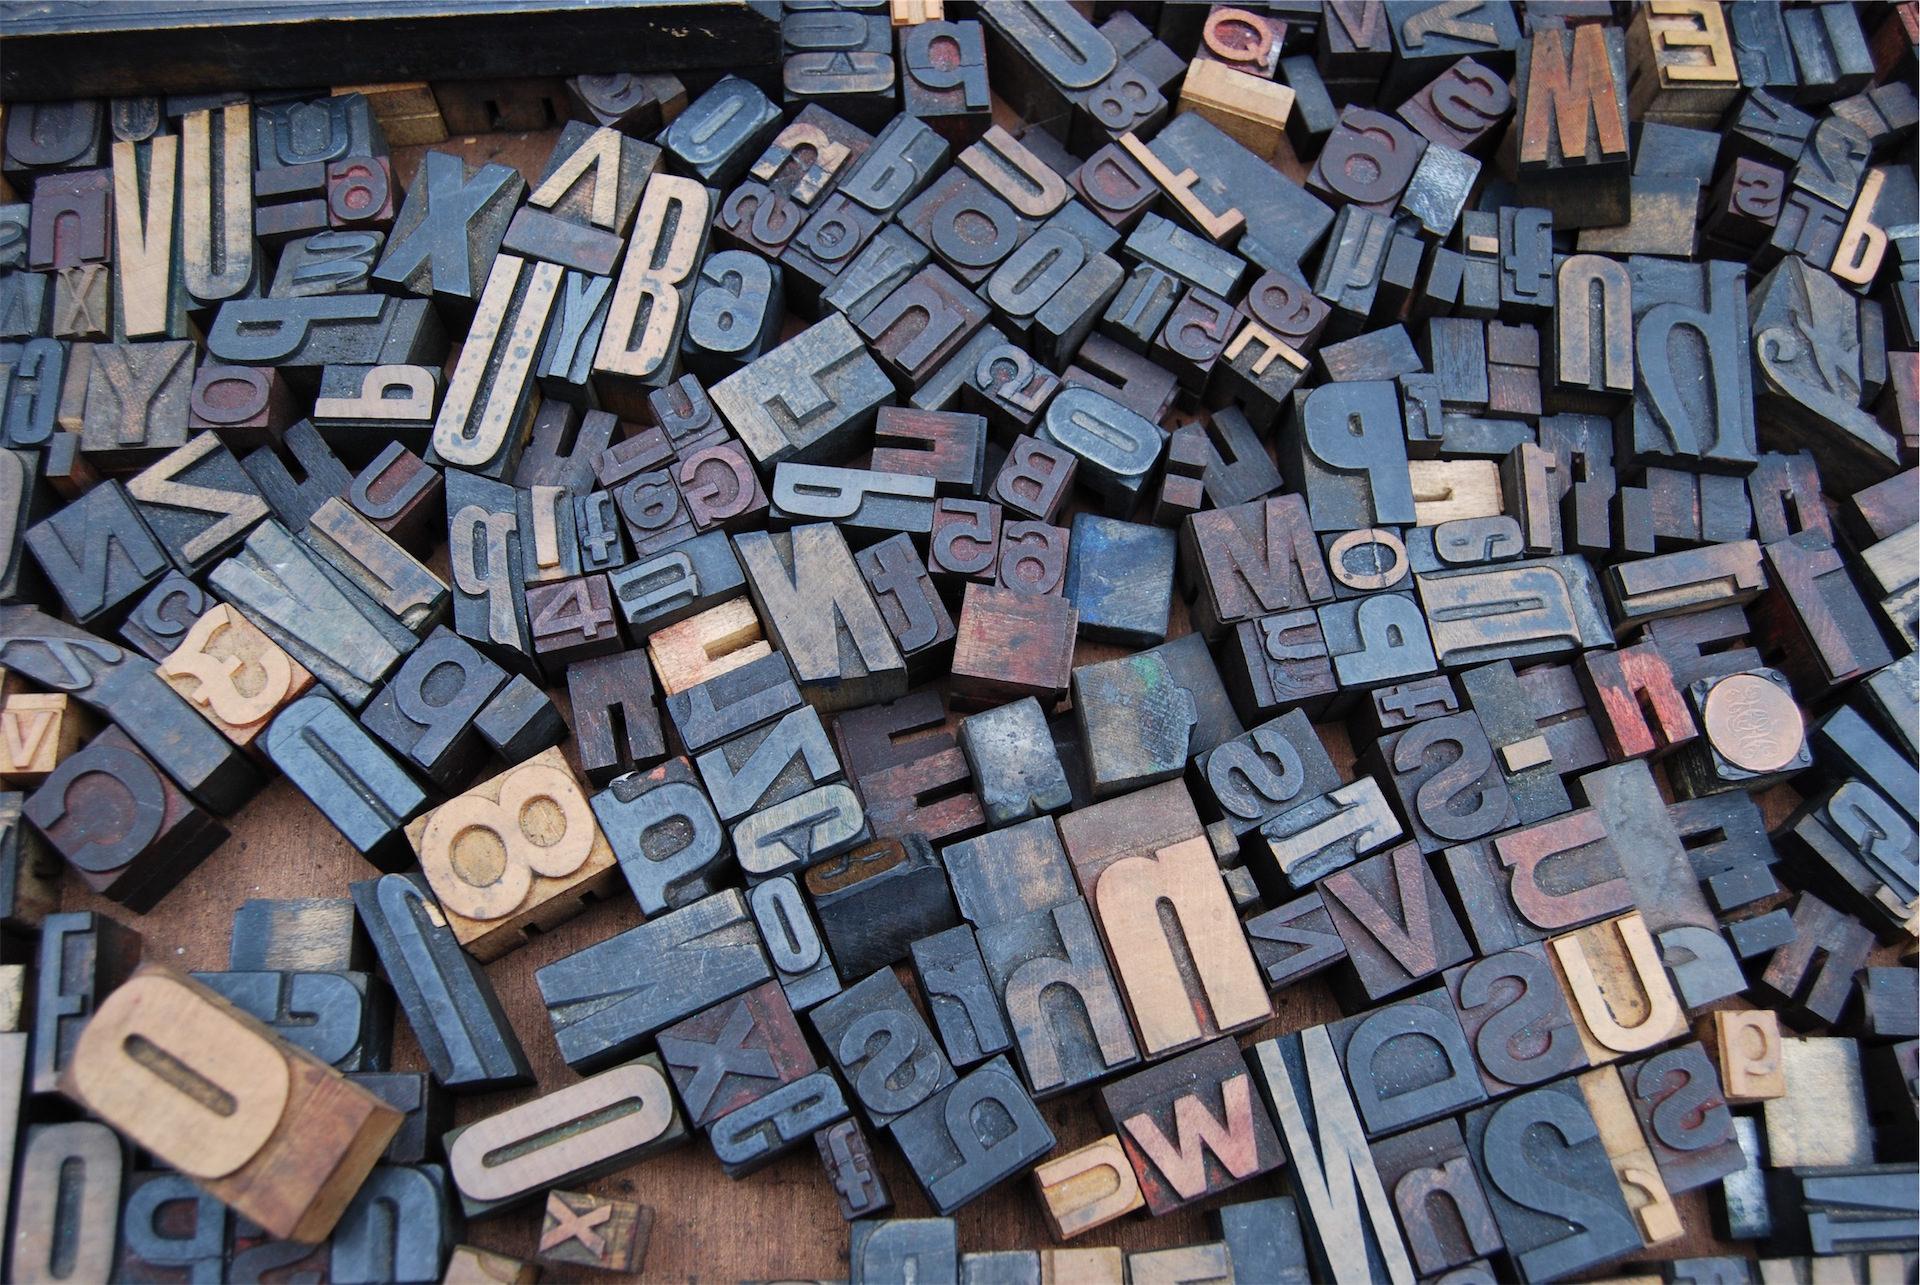 歌词, 木材, 符号, 字母表, 块 - 高清壁纸 - 教授-falken.com